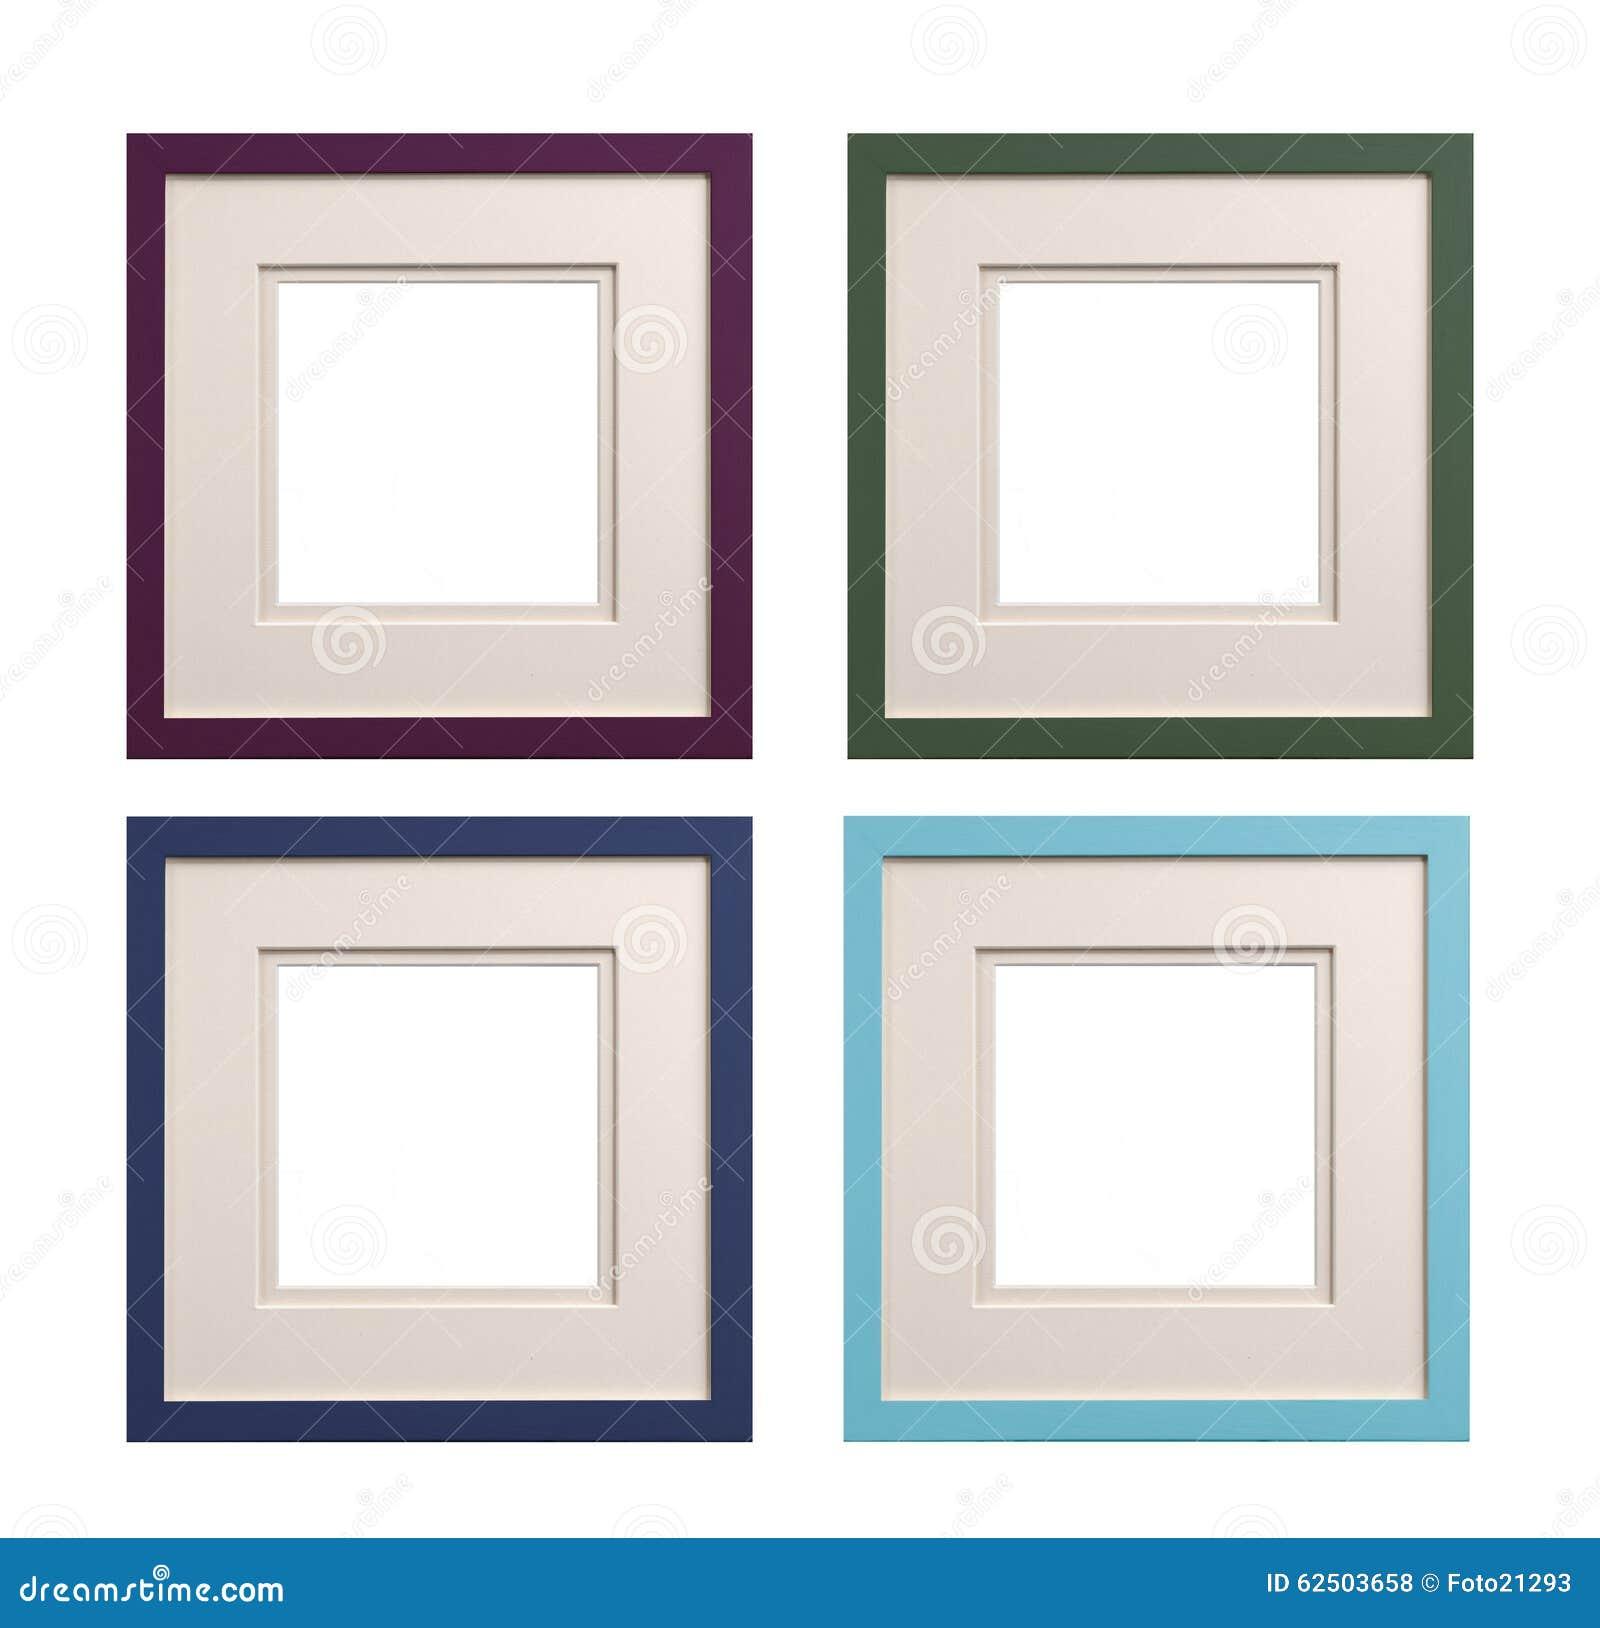 Quadratische Bilderrahmen Malvenfarben, Grün, Blau, Cyan-blau Mit ...